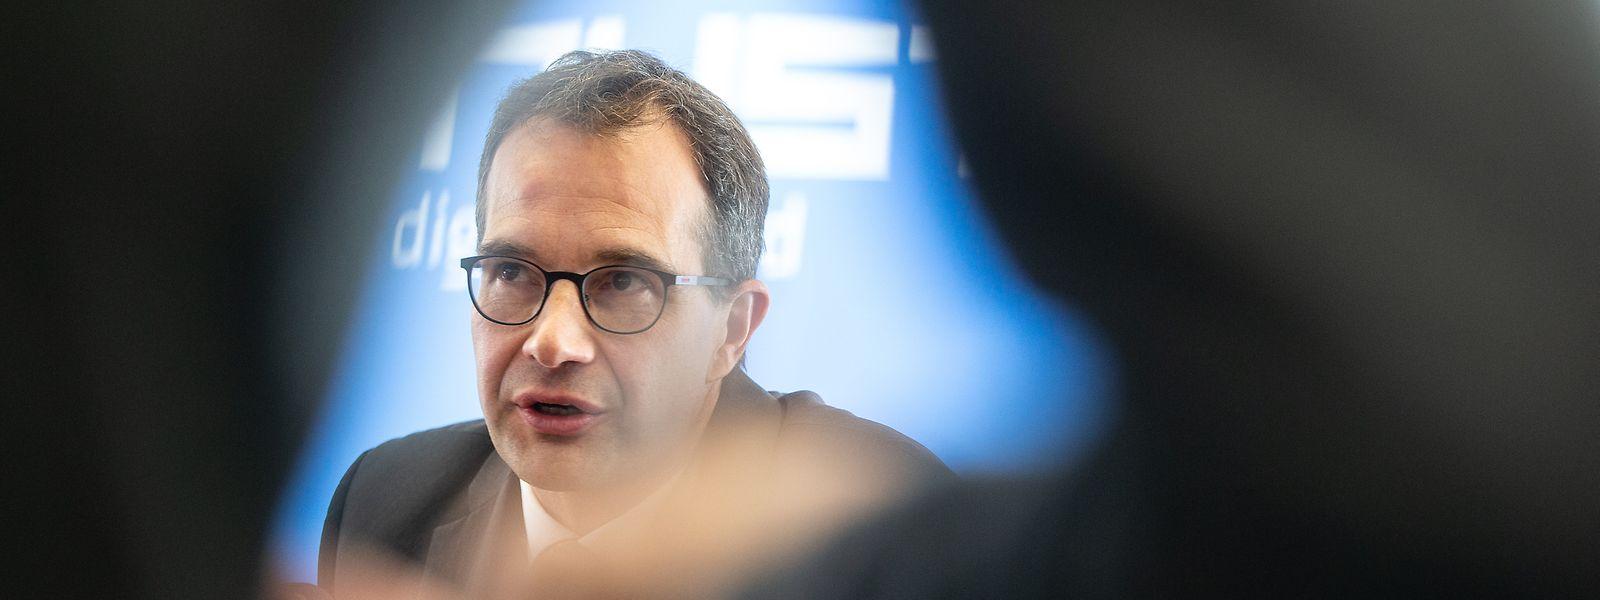 Pascal Rogiest a unifié les intérêts de LuxTrust au fournisseur belge Itsme.